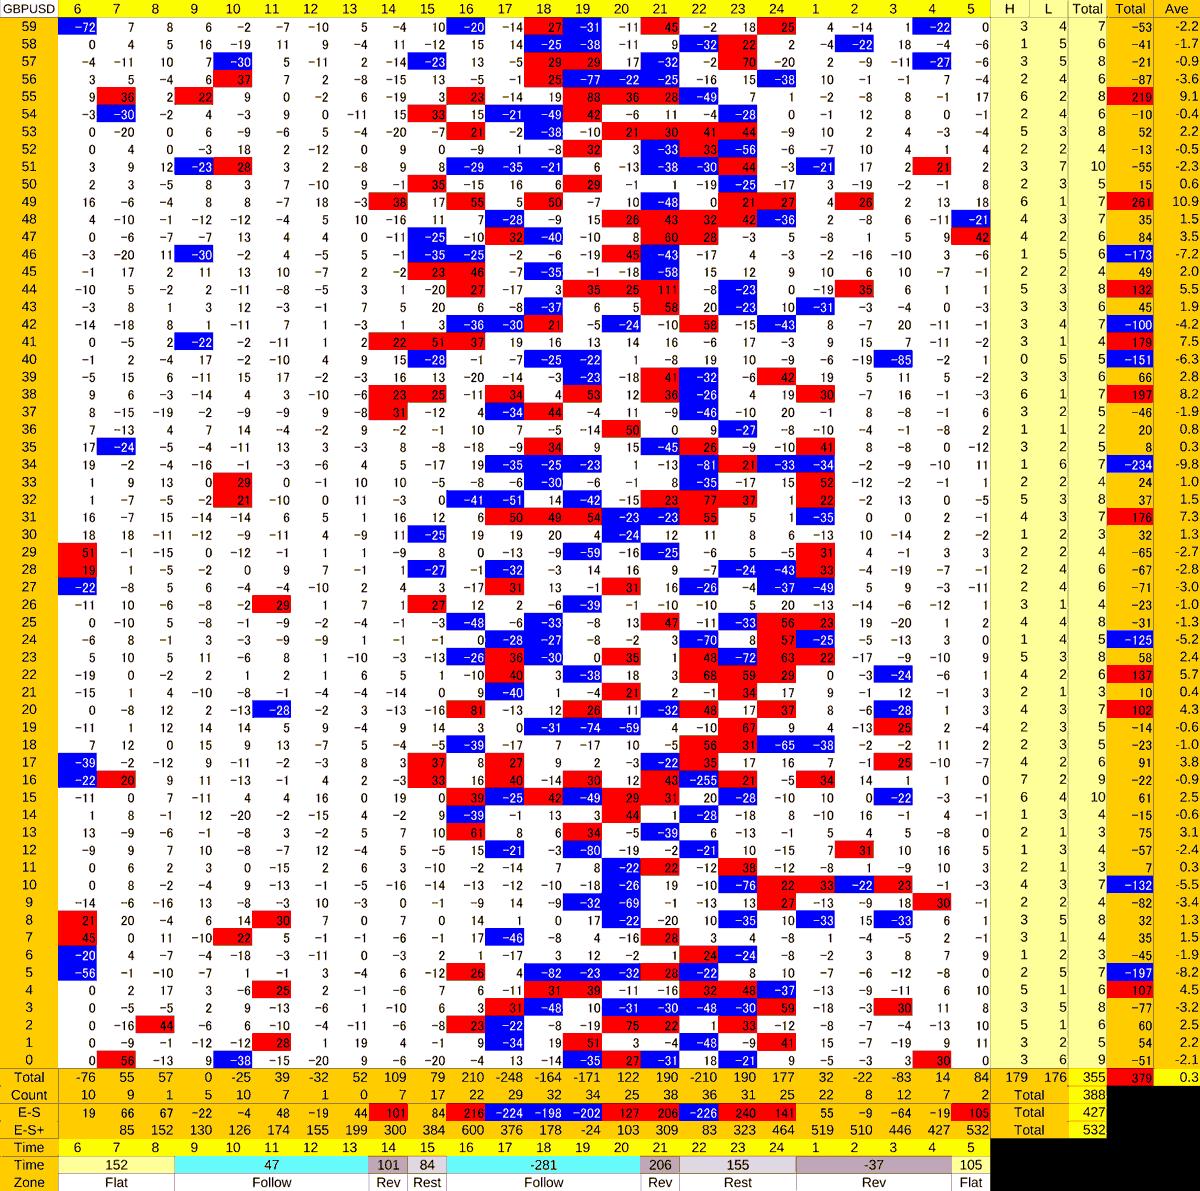 20201007_HS(2)GBPUSD